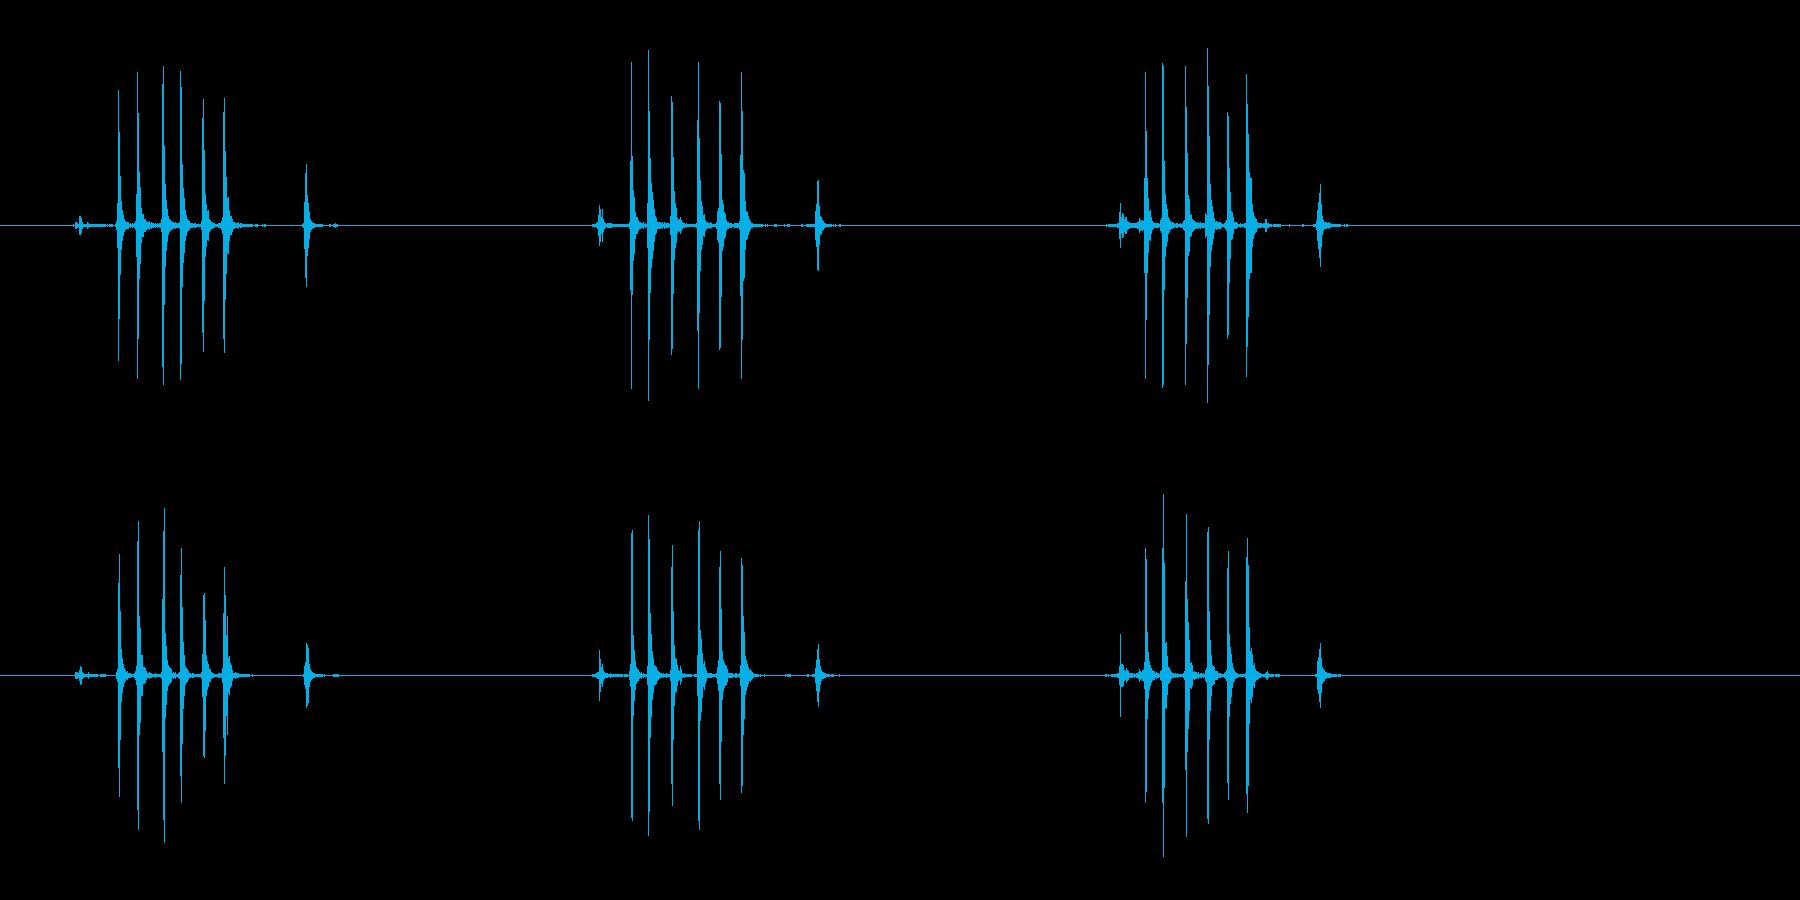 【生録音】ぜんまいを巻く(3回-早め)の再生済みの波形